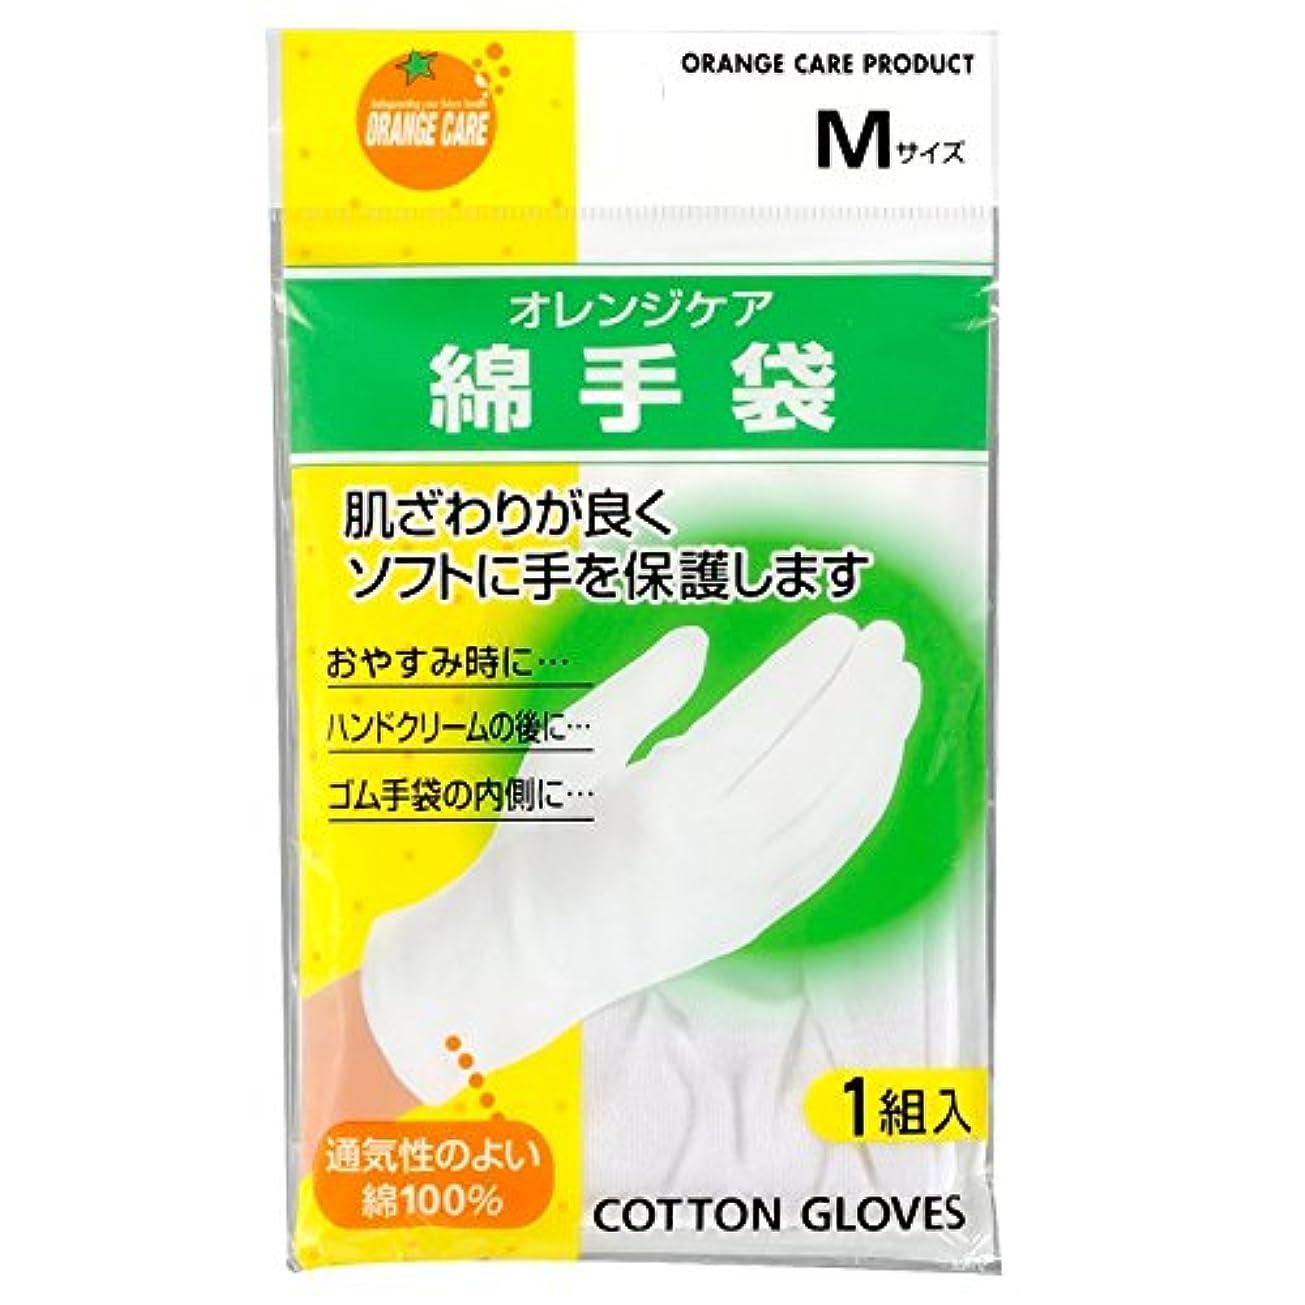 雲電気技師パッチオレンジケアプロダクツ 綿手袋 Mサイズ2枚入り